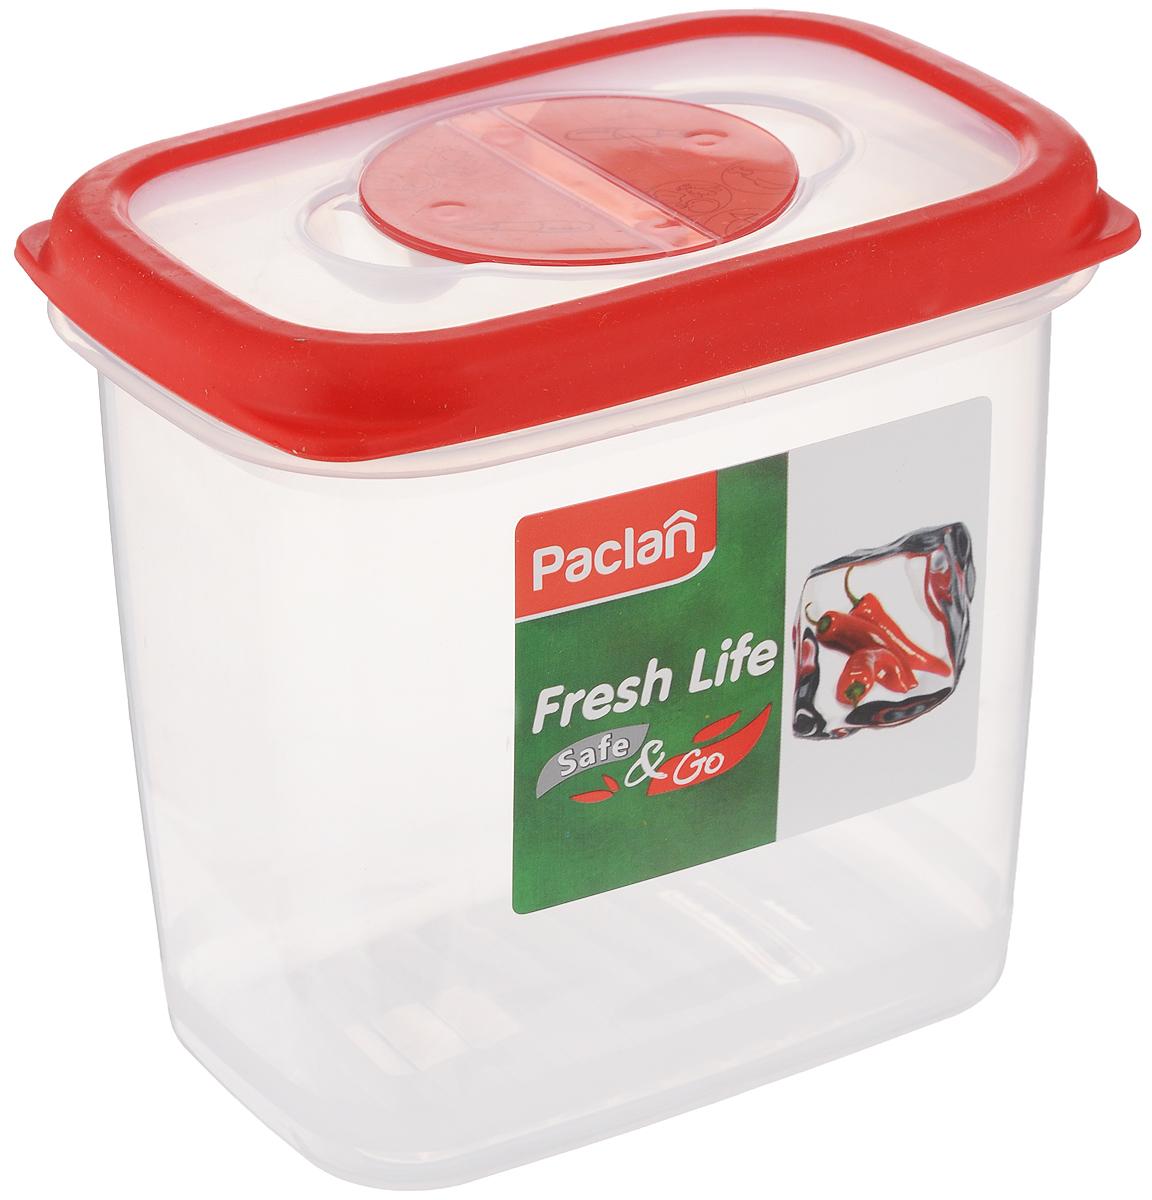 Контейнер для хранения продуктов Paclan Fresh Life, 900 мл414028Герметичный контейнер Paclan Fresh Life, выполненный из полипропилена, предназначен для хранения, заморозки и разогрева в микроволновой печи (при снятой крышке). После использования промыть теплой водой. Можно мыть в посудомоечной машине. Не пригоден для приготовления пищи. Объем: 900 мл. Высота стенок: 12,5 см. Размер (по верхнему краю): 12,5 х 8,5 см.